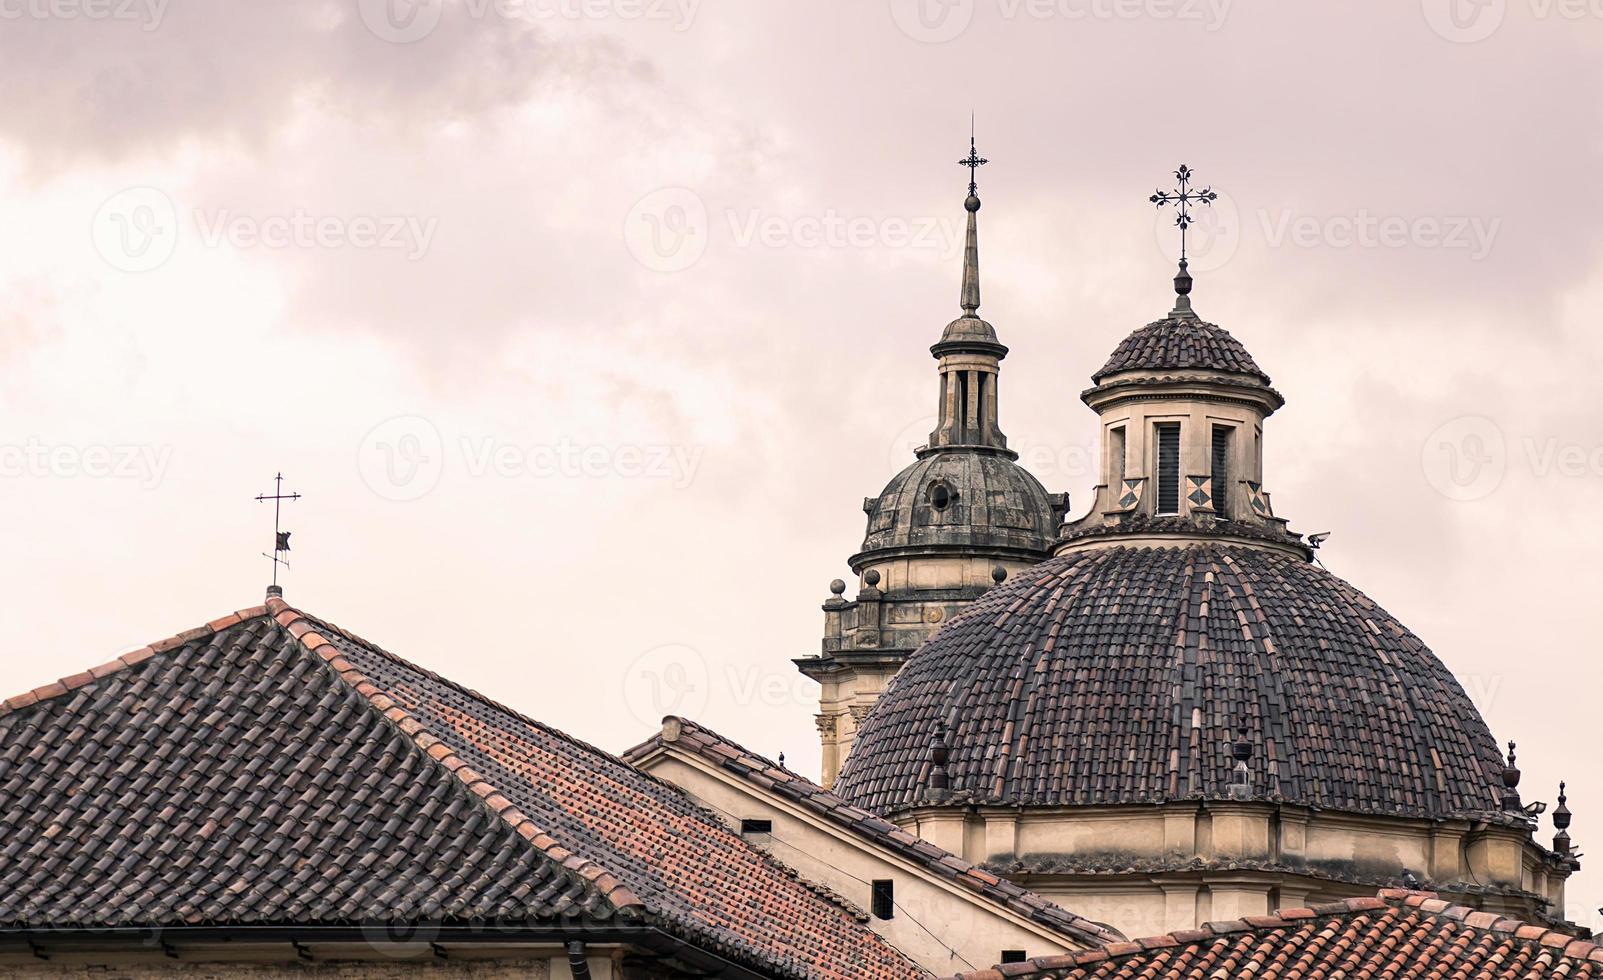 kathedraal op zonsondergang derde uitzicht foto